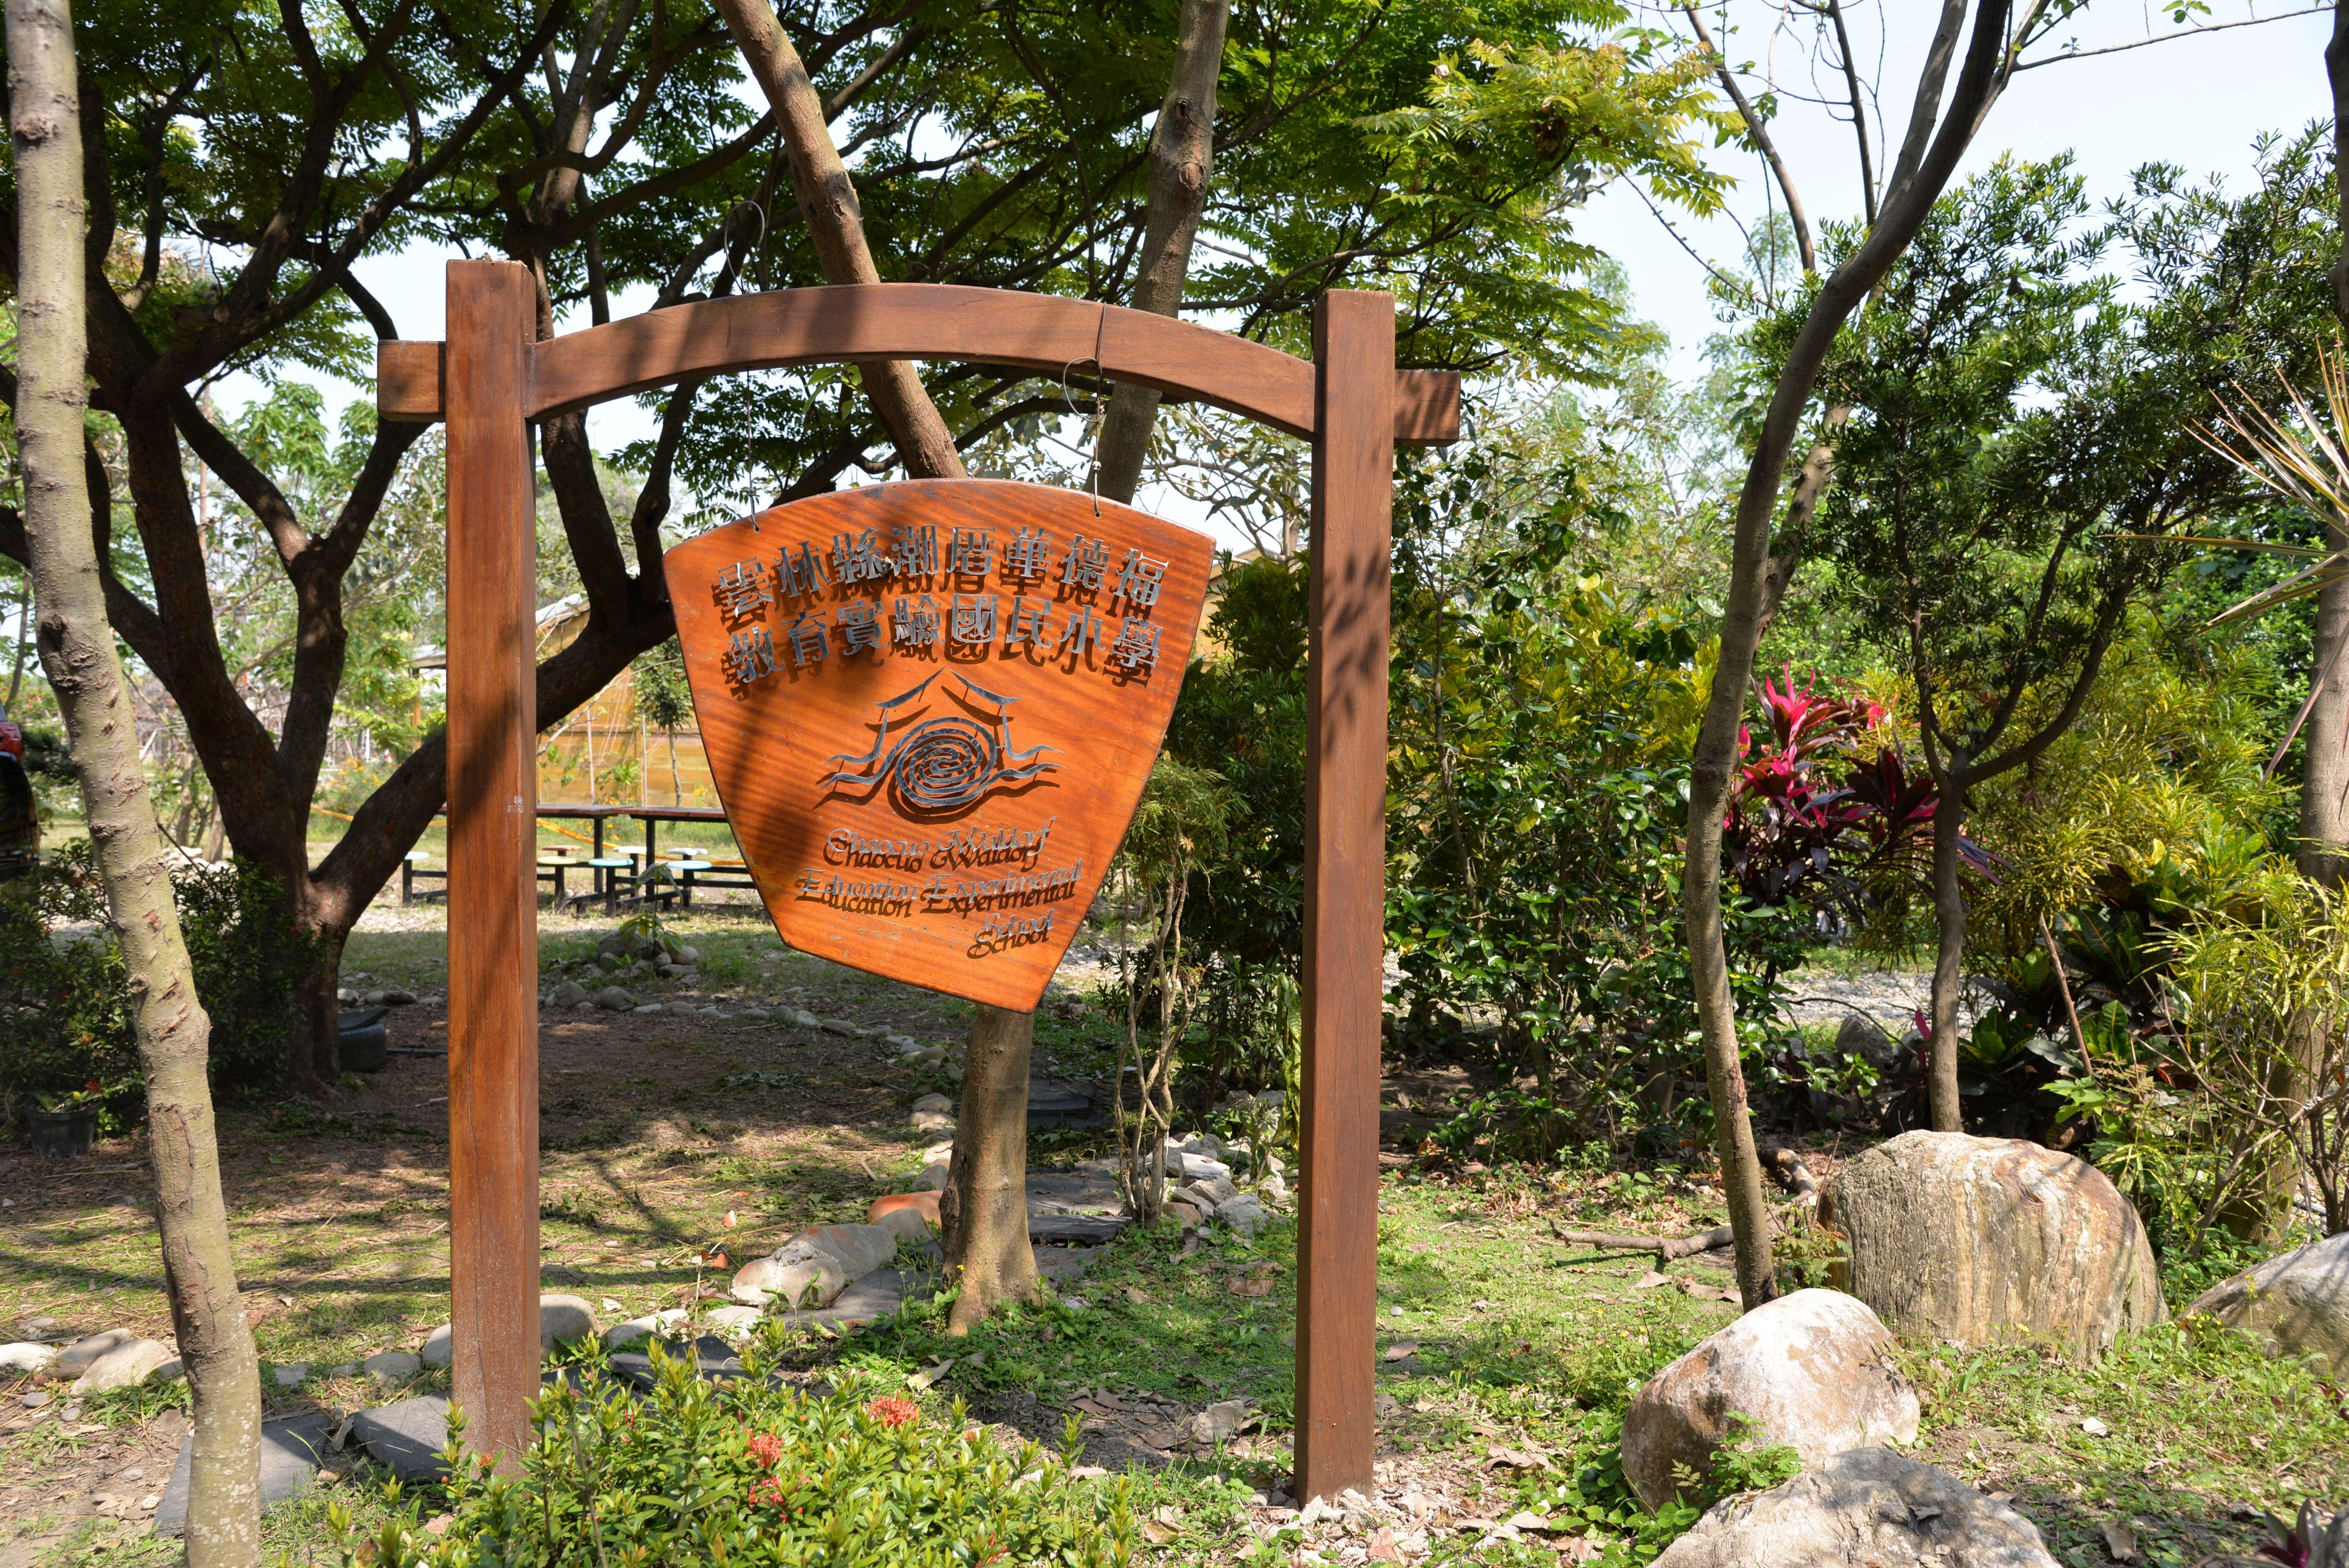 潮厝華德福實驗國小是雲林縣唯一獲得行政院台美生態學校綠旗獎學校,也是國內唯一曾獲美國環保署長於美國境外頒獎的學校。